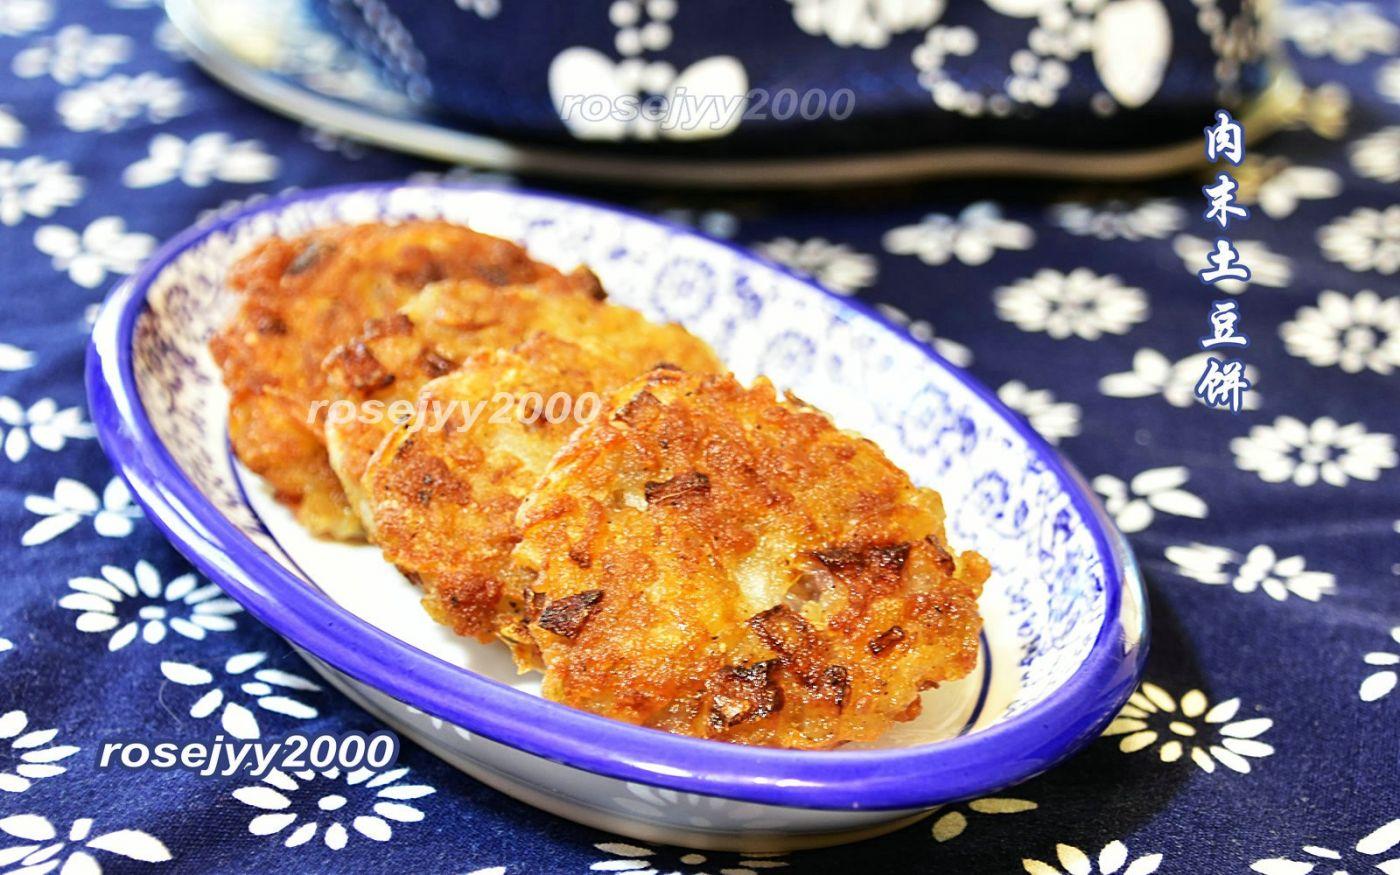 香肠肉土豆饼_图1-1